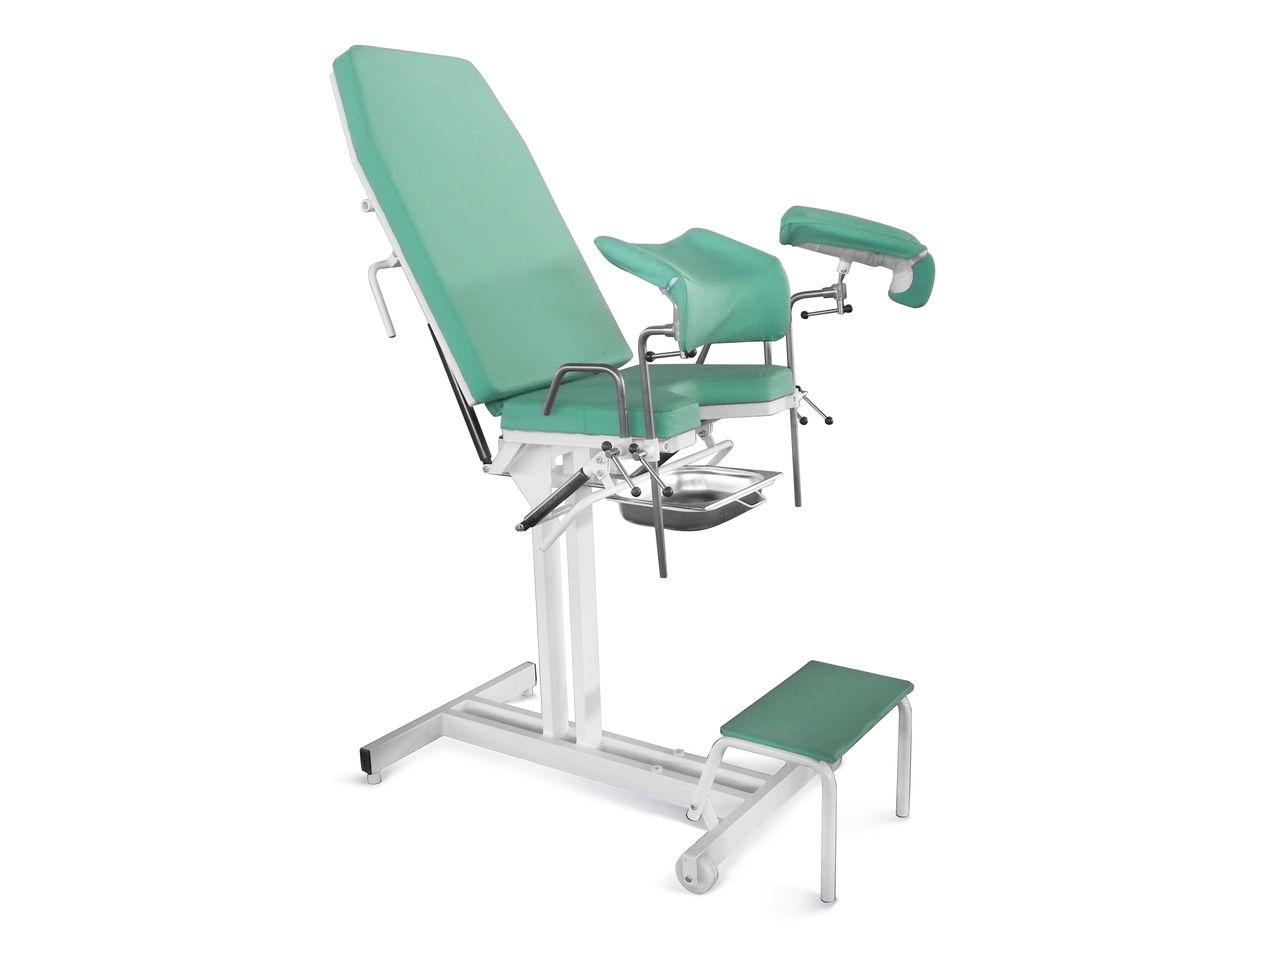 Привязали мужчину к гинекологическому креслу 24 фотография